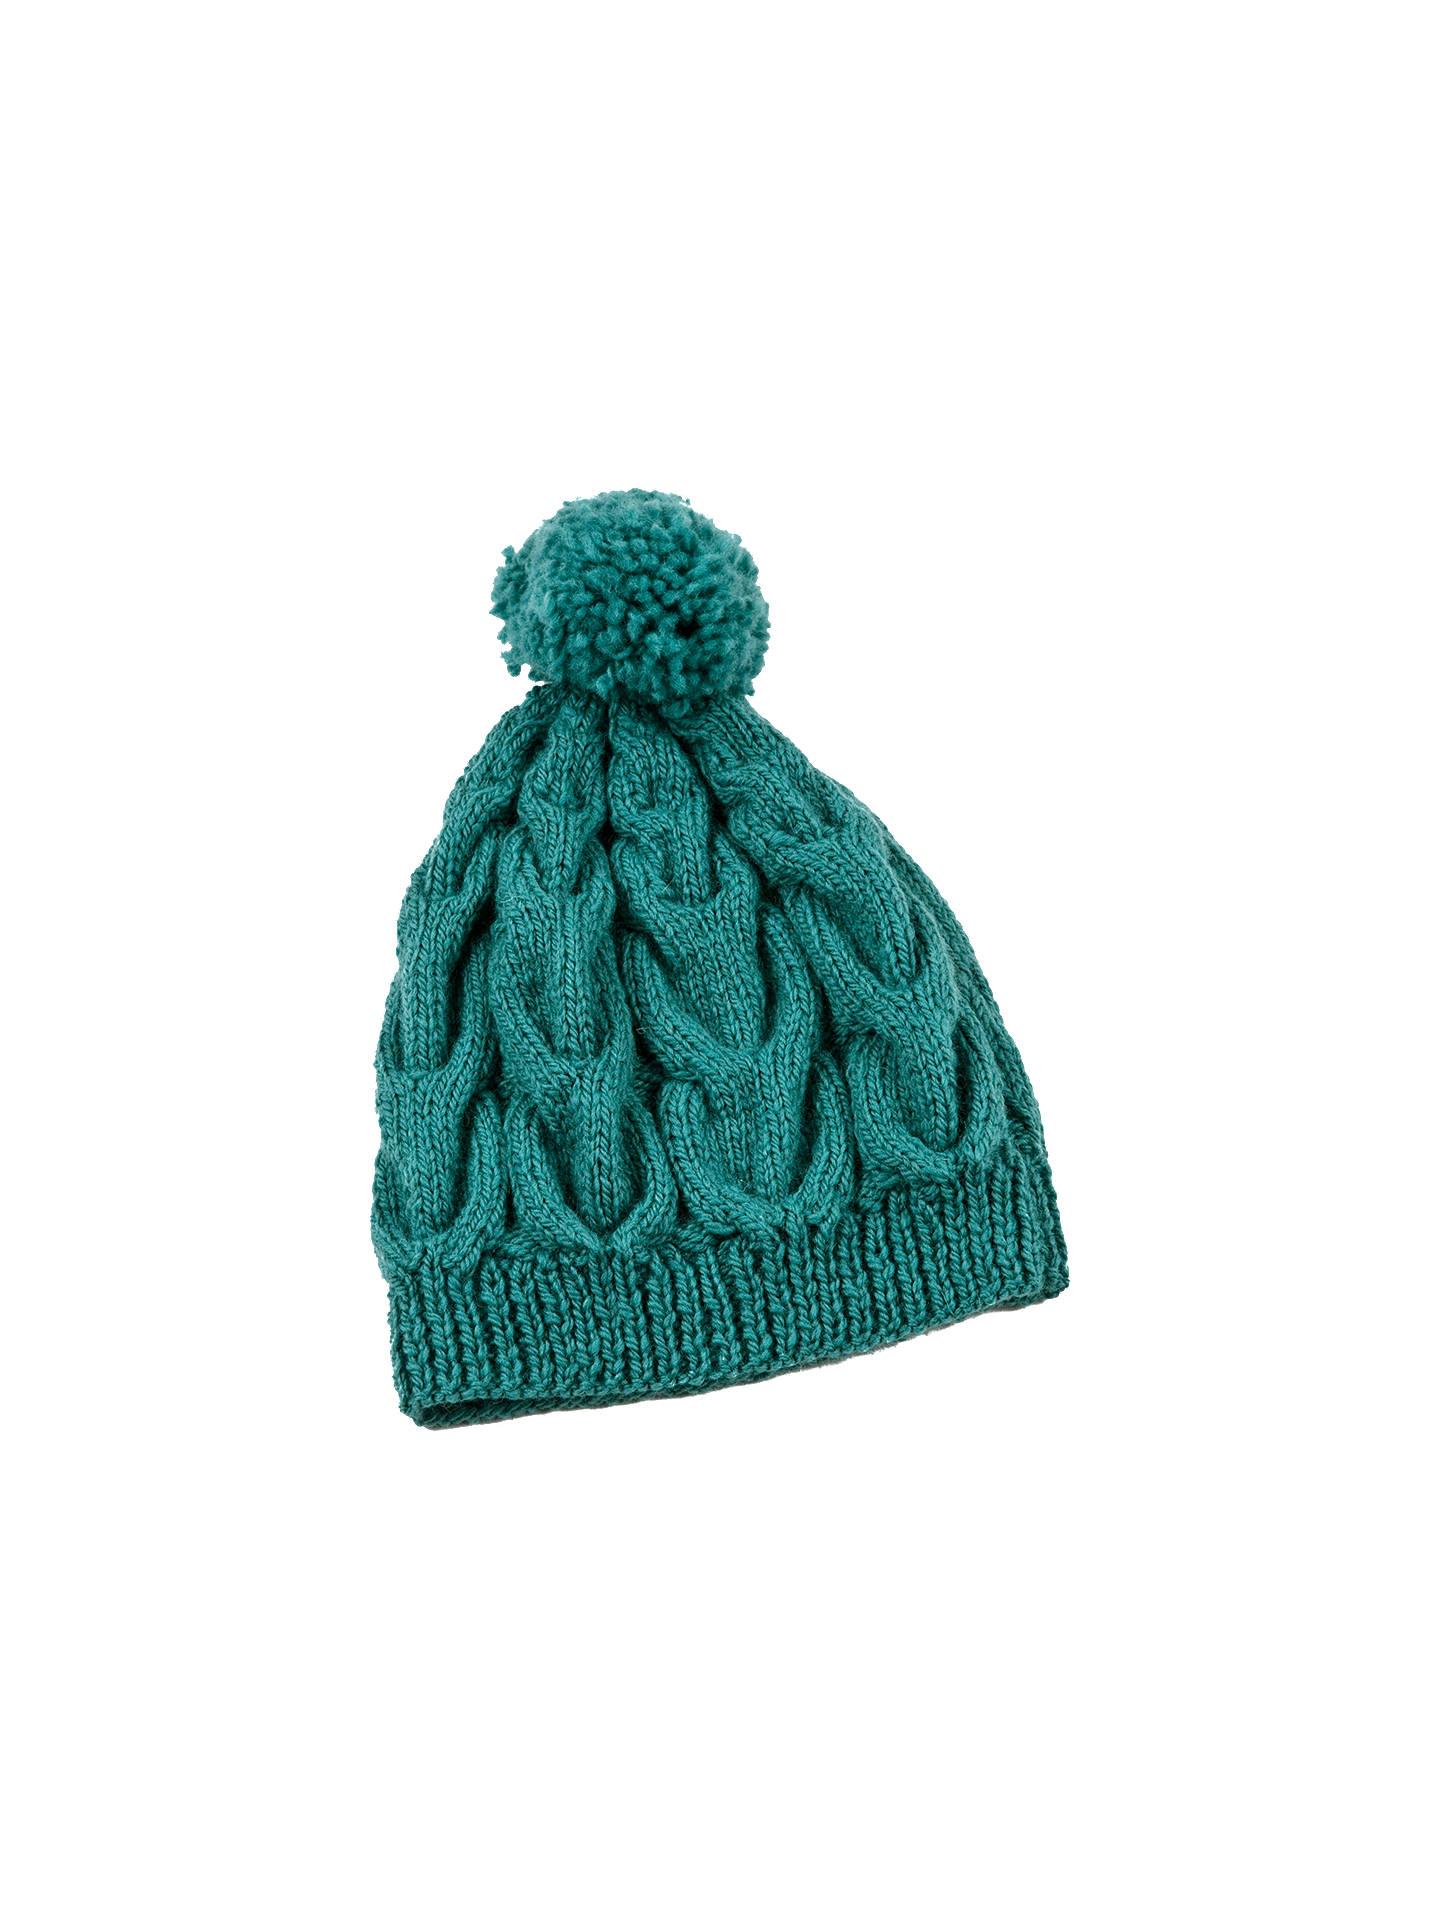 Erika Knight Cable Hat Knitting Pattern at John Lewis ...